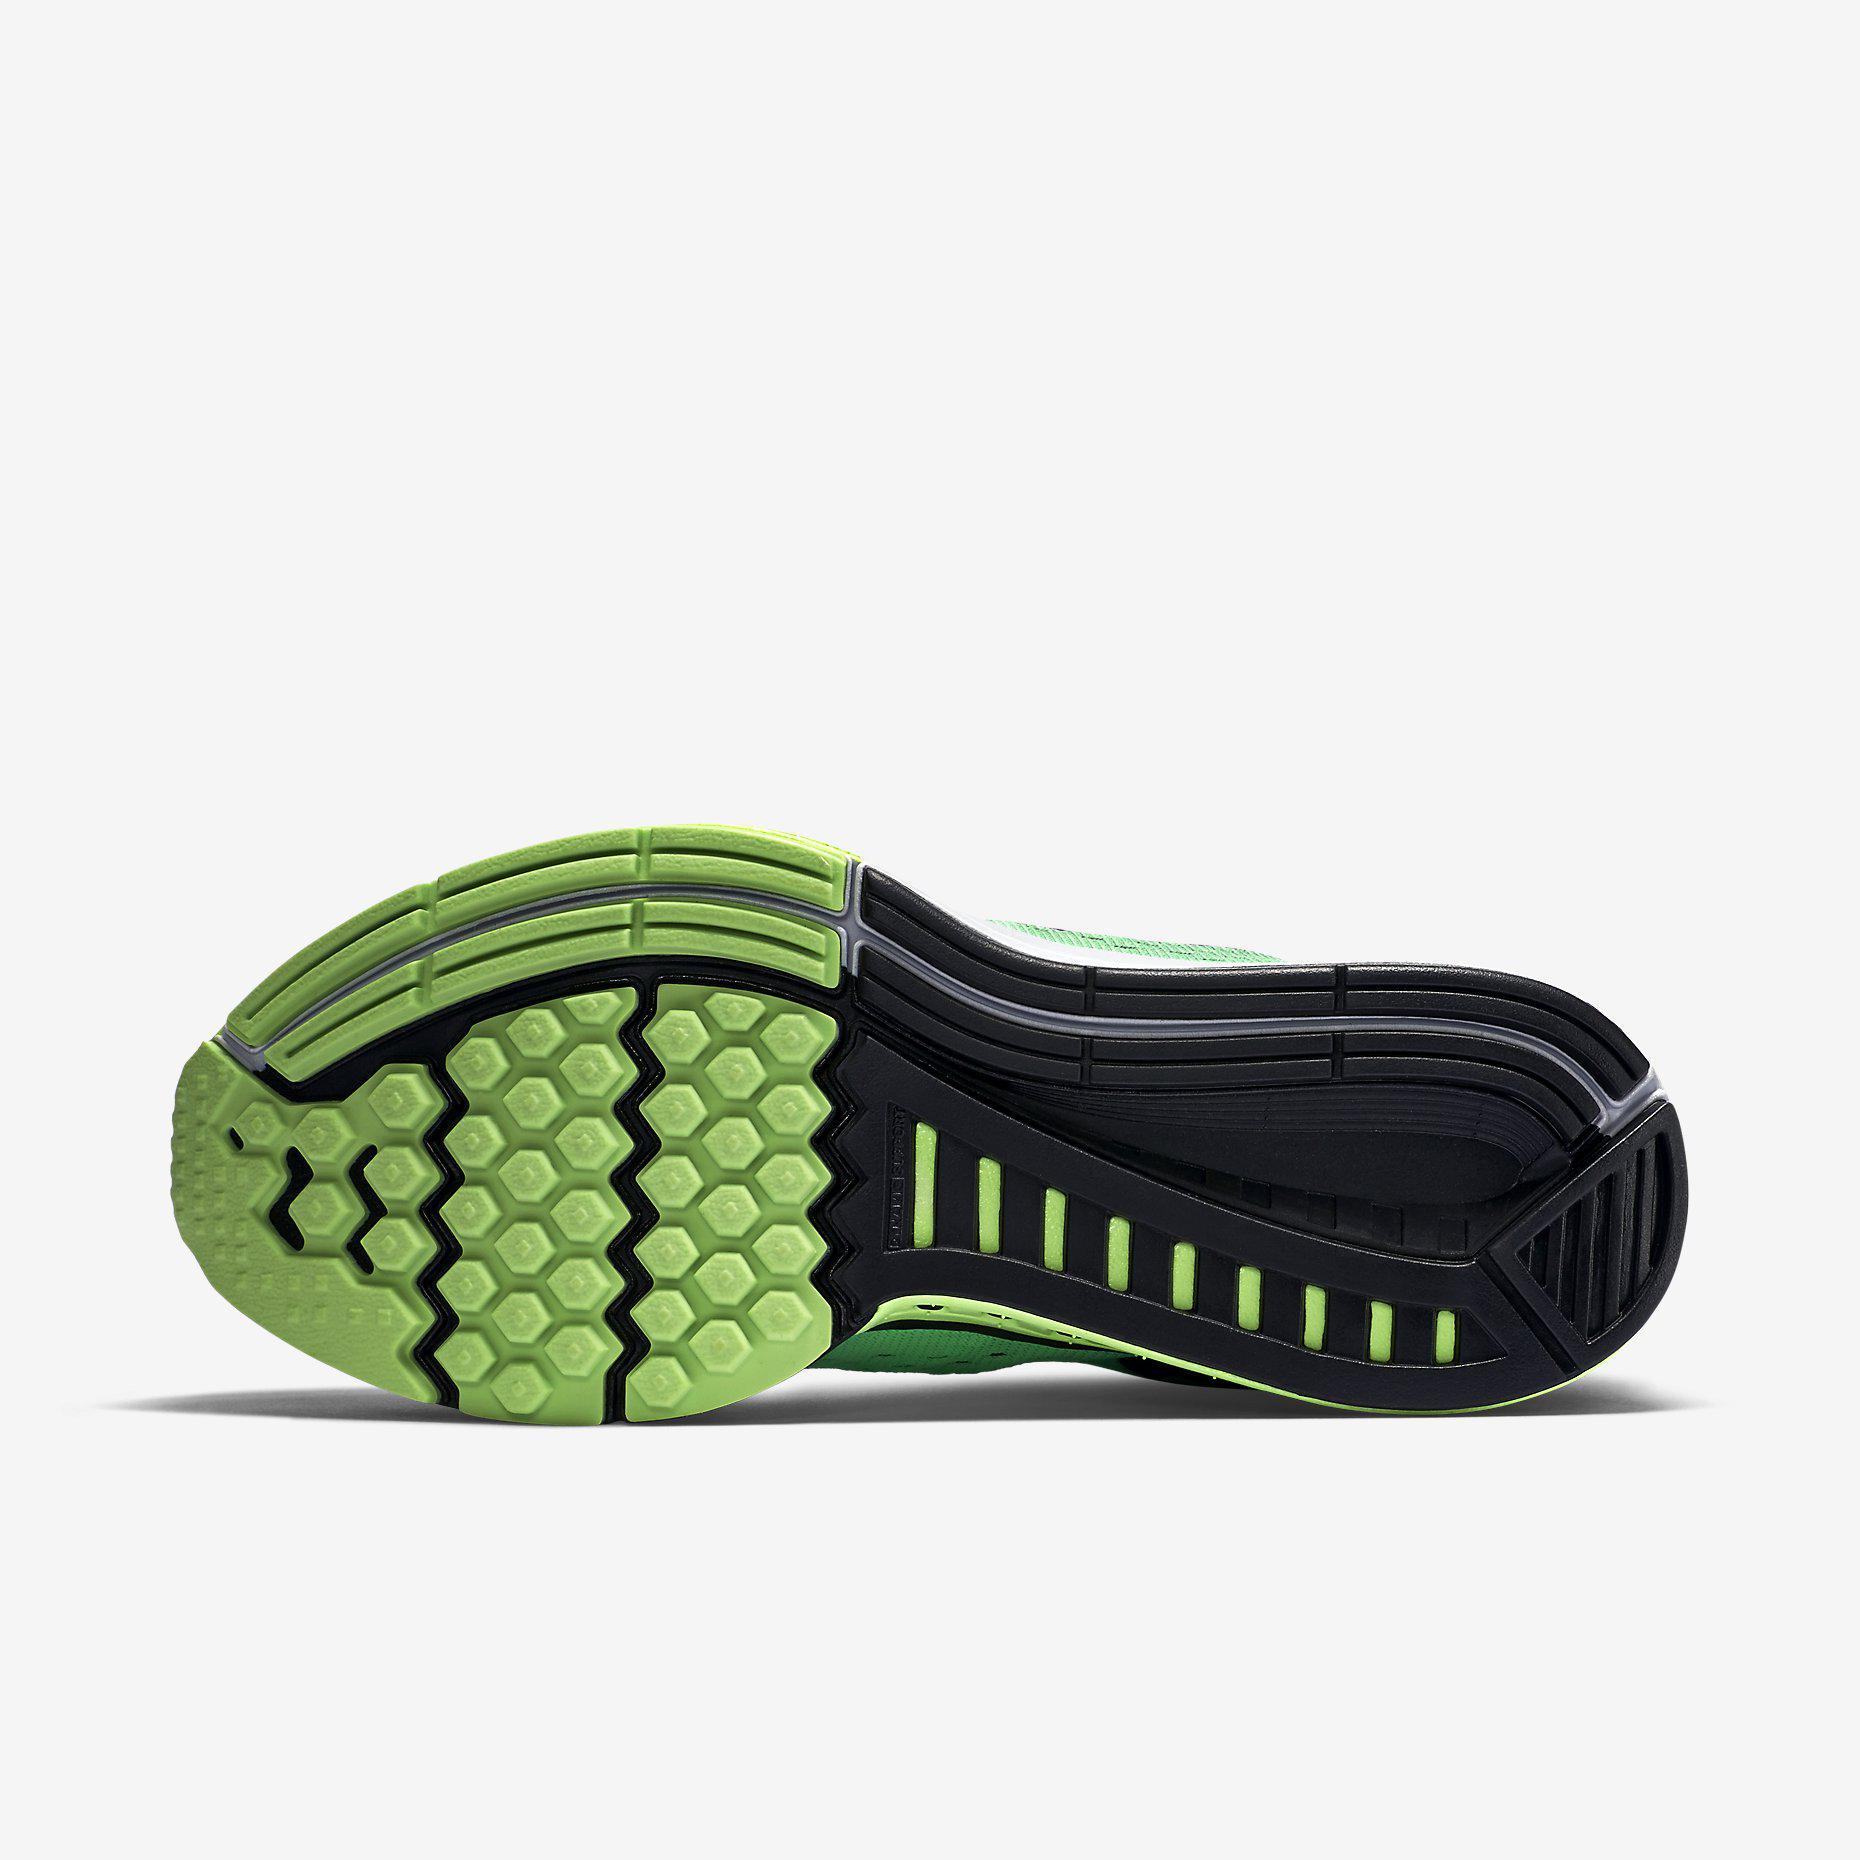 Nike Zoom Structure Aire 18 Del Abierto De Australia 2018 Mujeres hZEixu